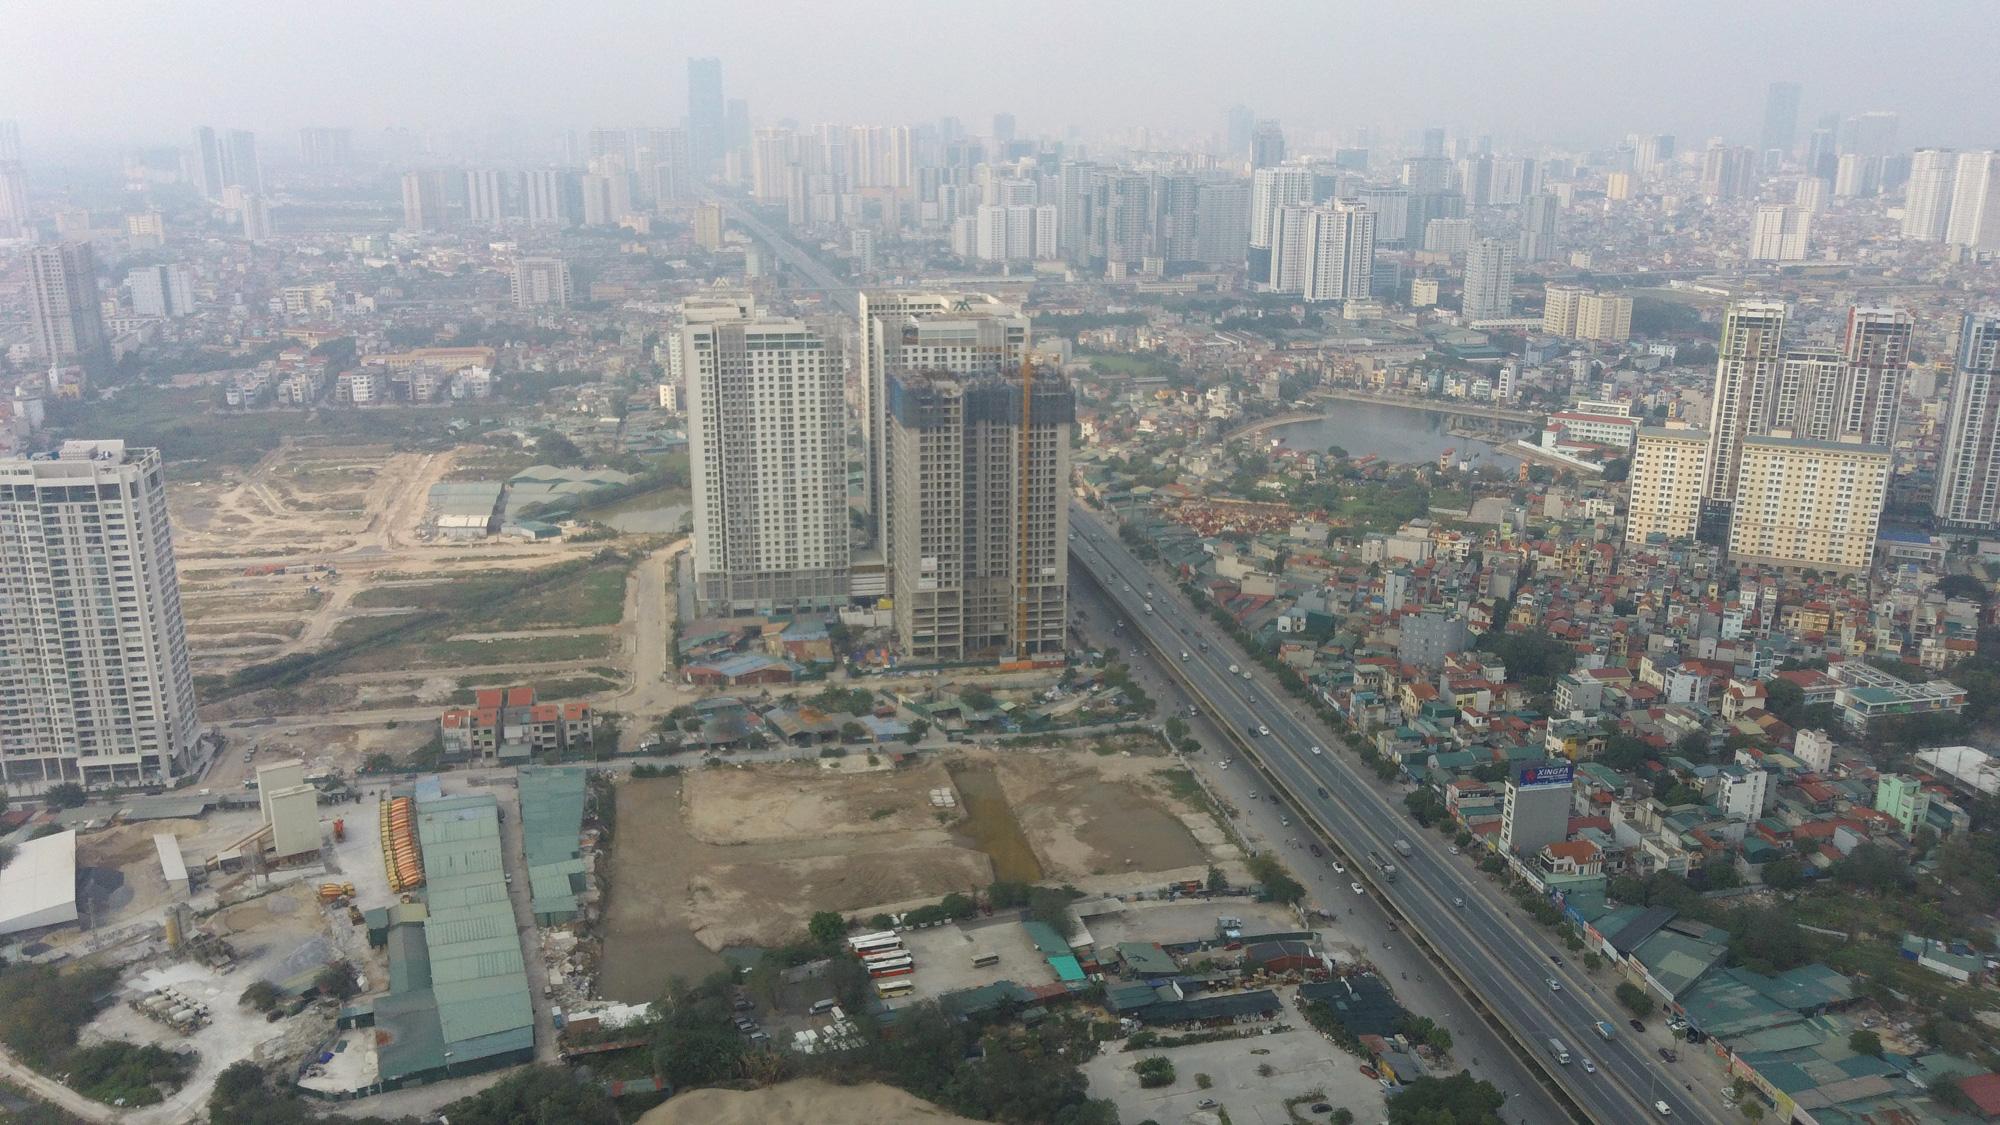 Hà Nội mù mịt ô nhiễm không khí nhìn từ trên cao dù trời có nắng - Ảnh 3.